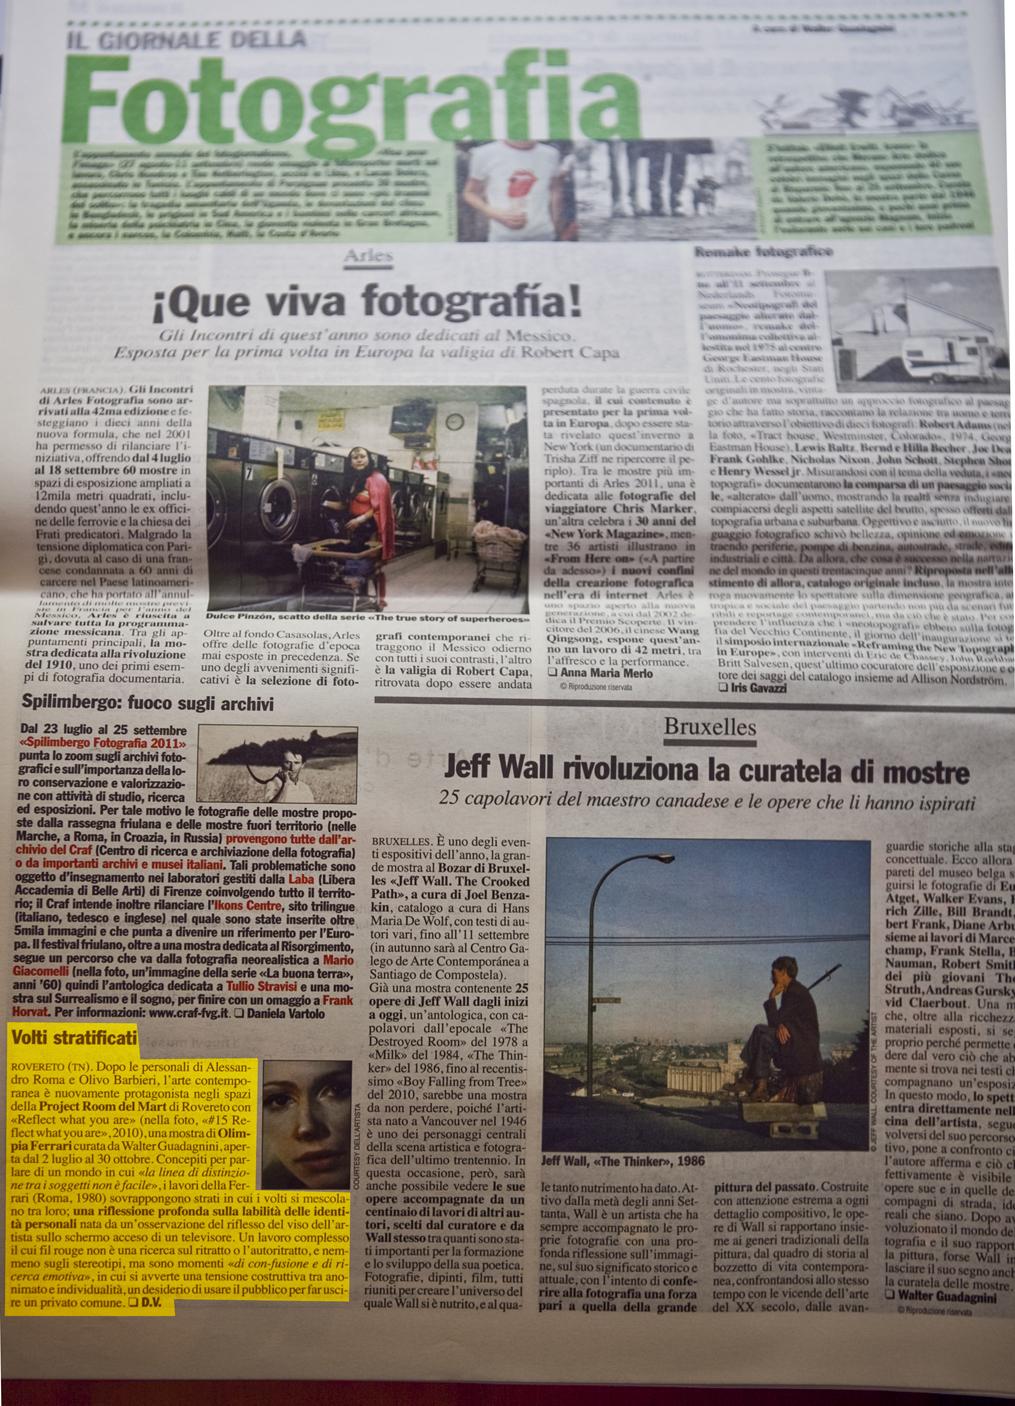 004-Olimpia Ferrari-Il Giornale dell'Arte- July-August 2011-2.jpg